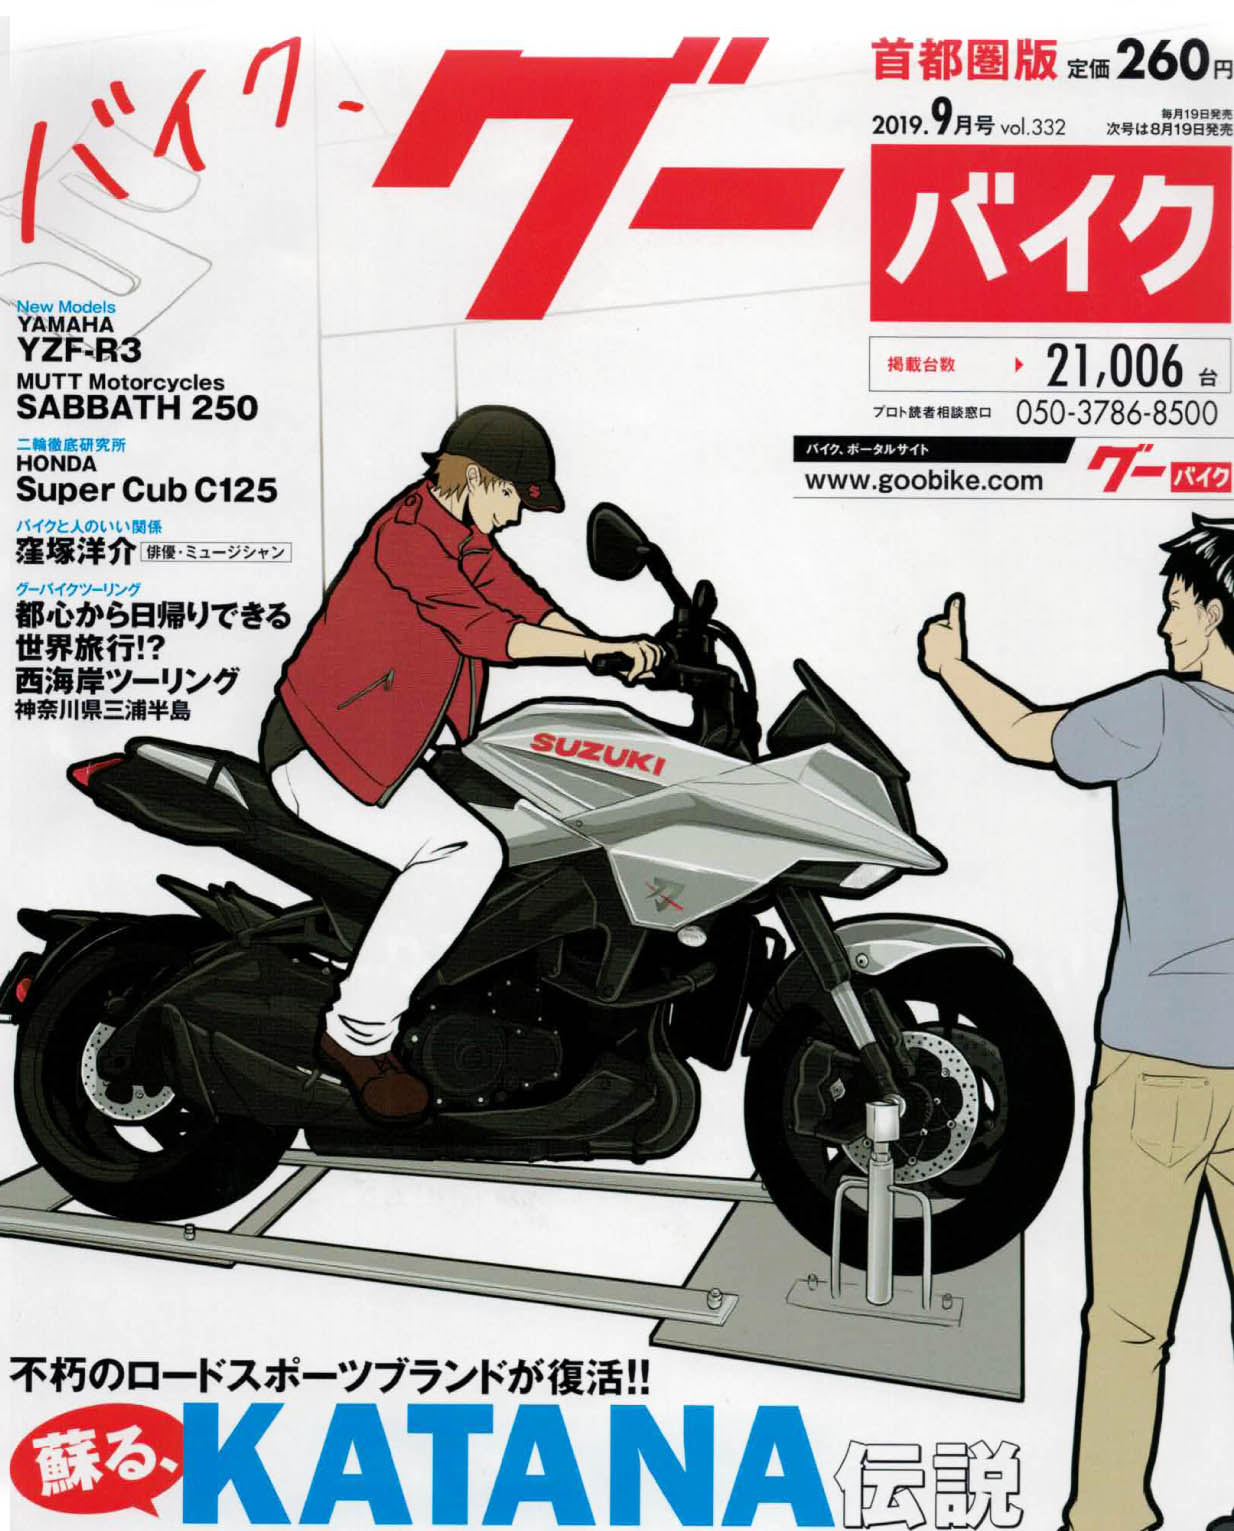 【グーバイク首都圏版9月号掲載】FANTIC CABALLERO FLAT TRACK125